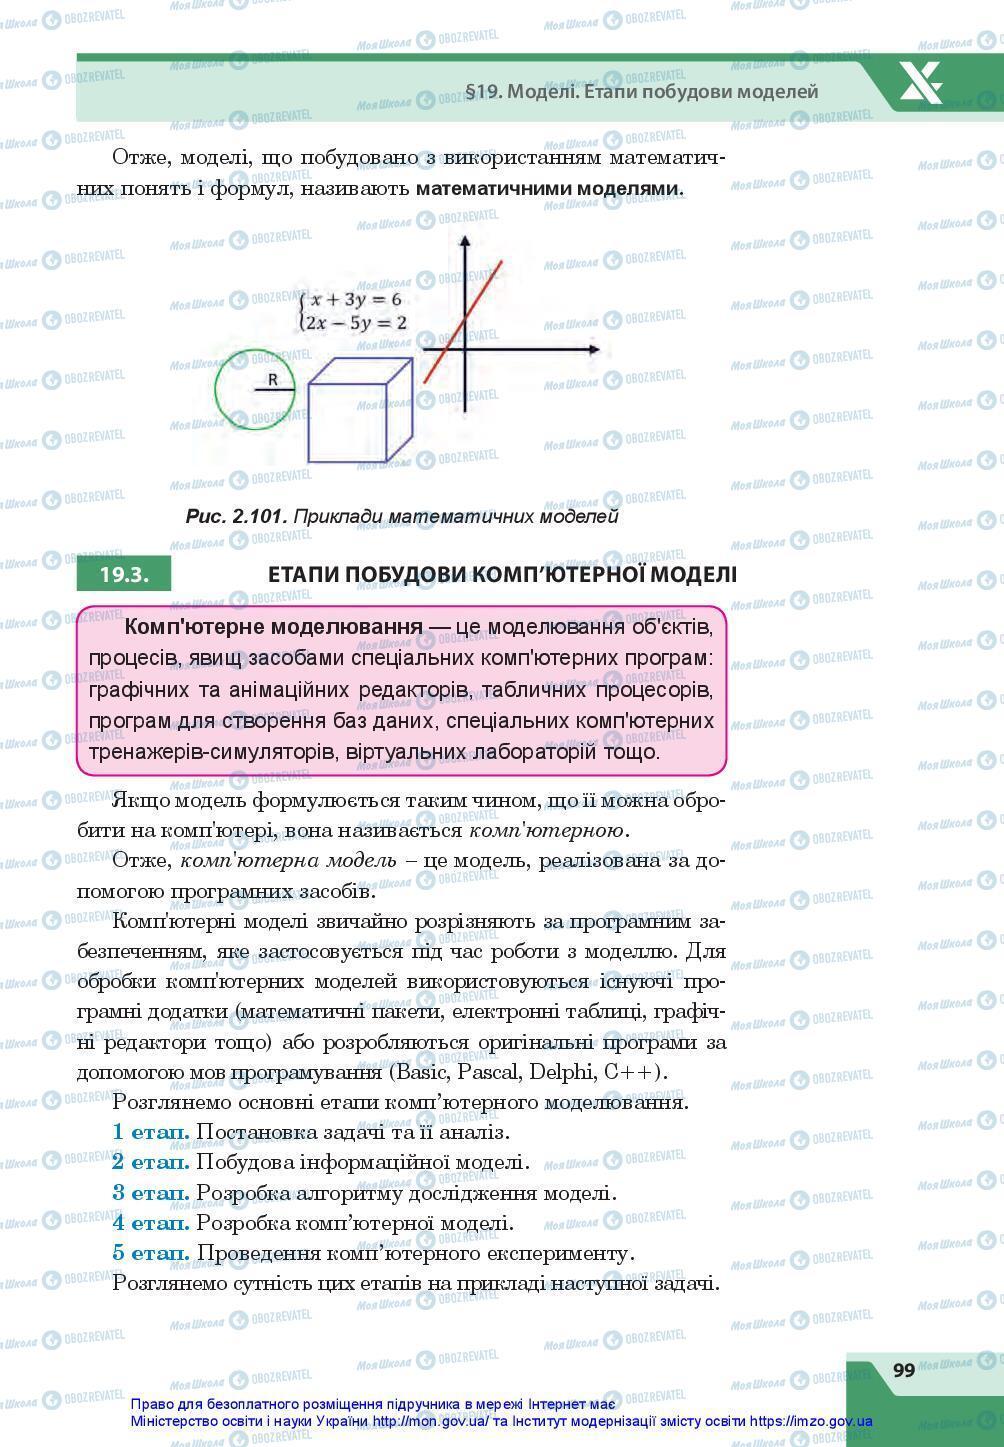 Підручники Інформатика 7 клас сторінка 99